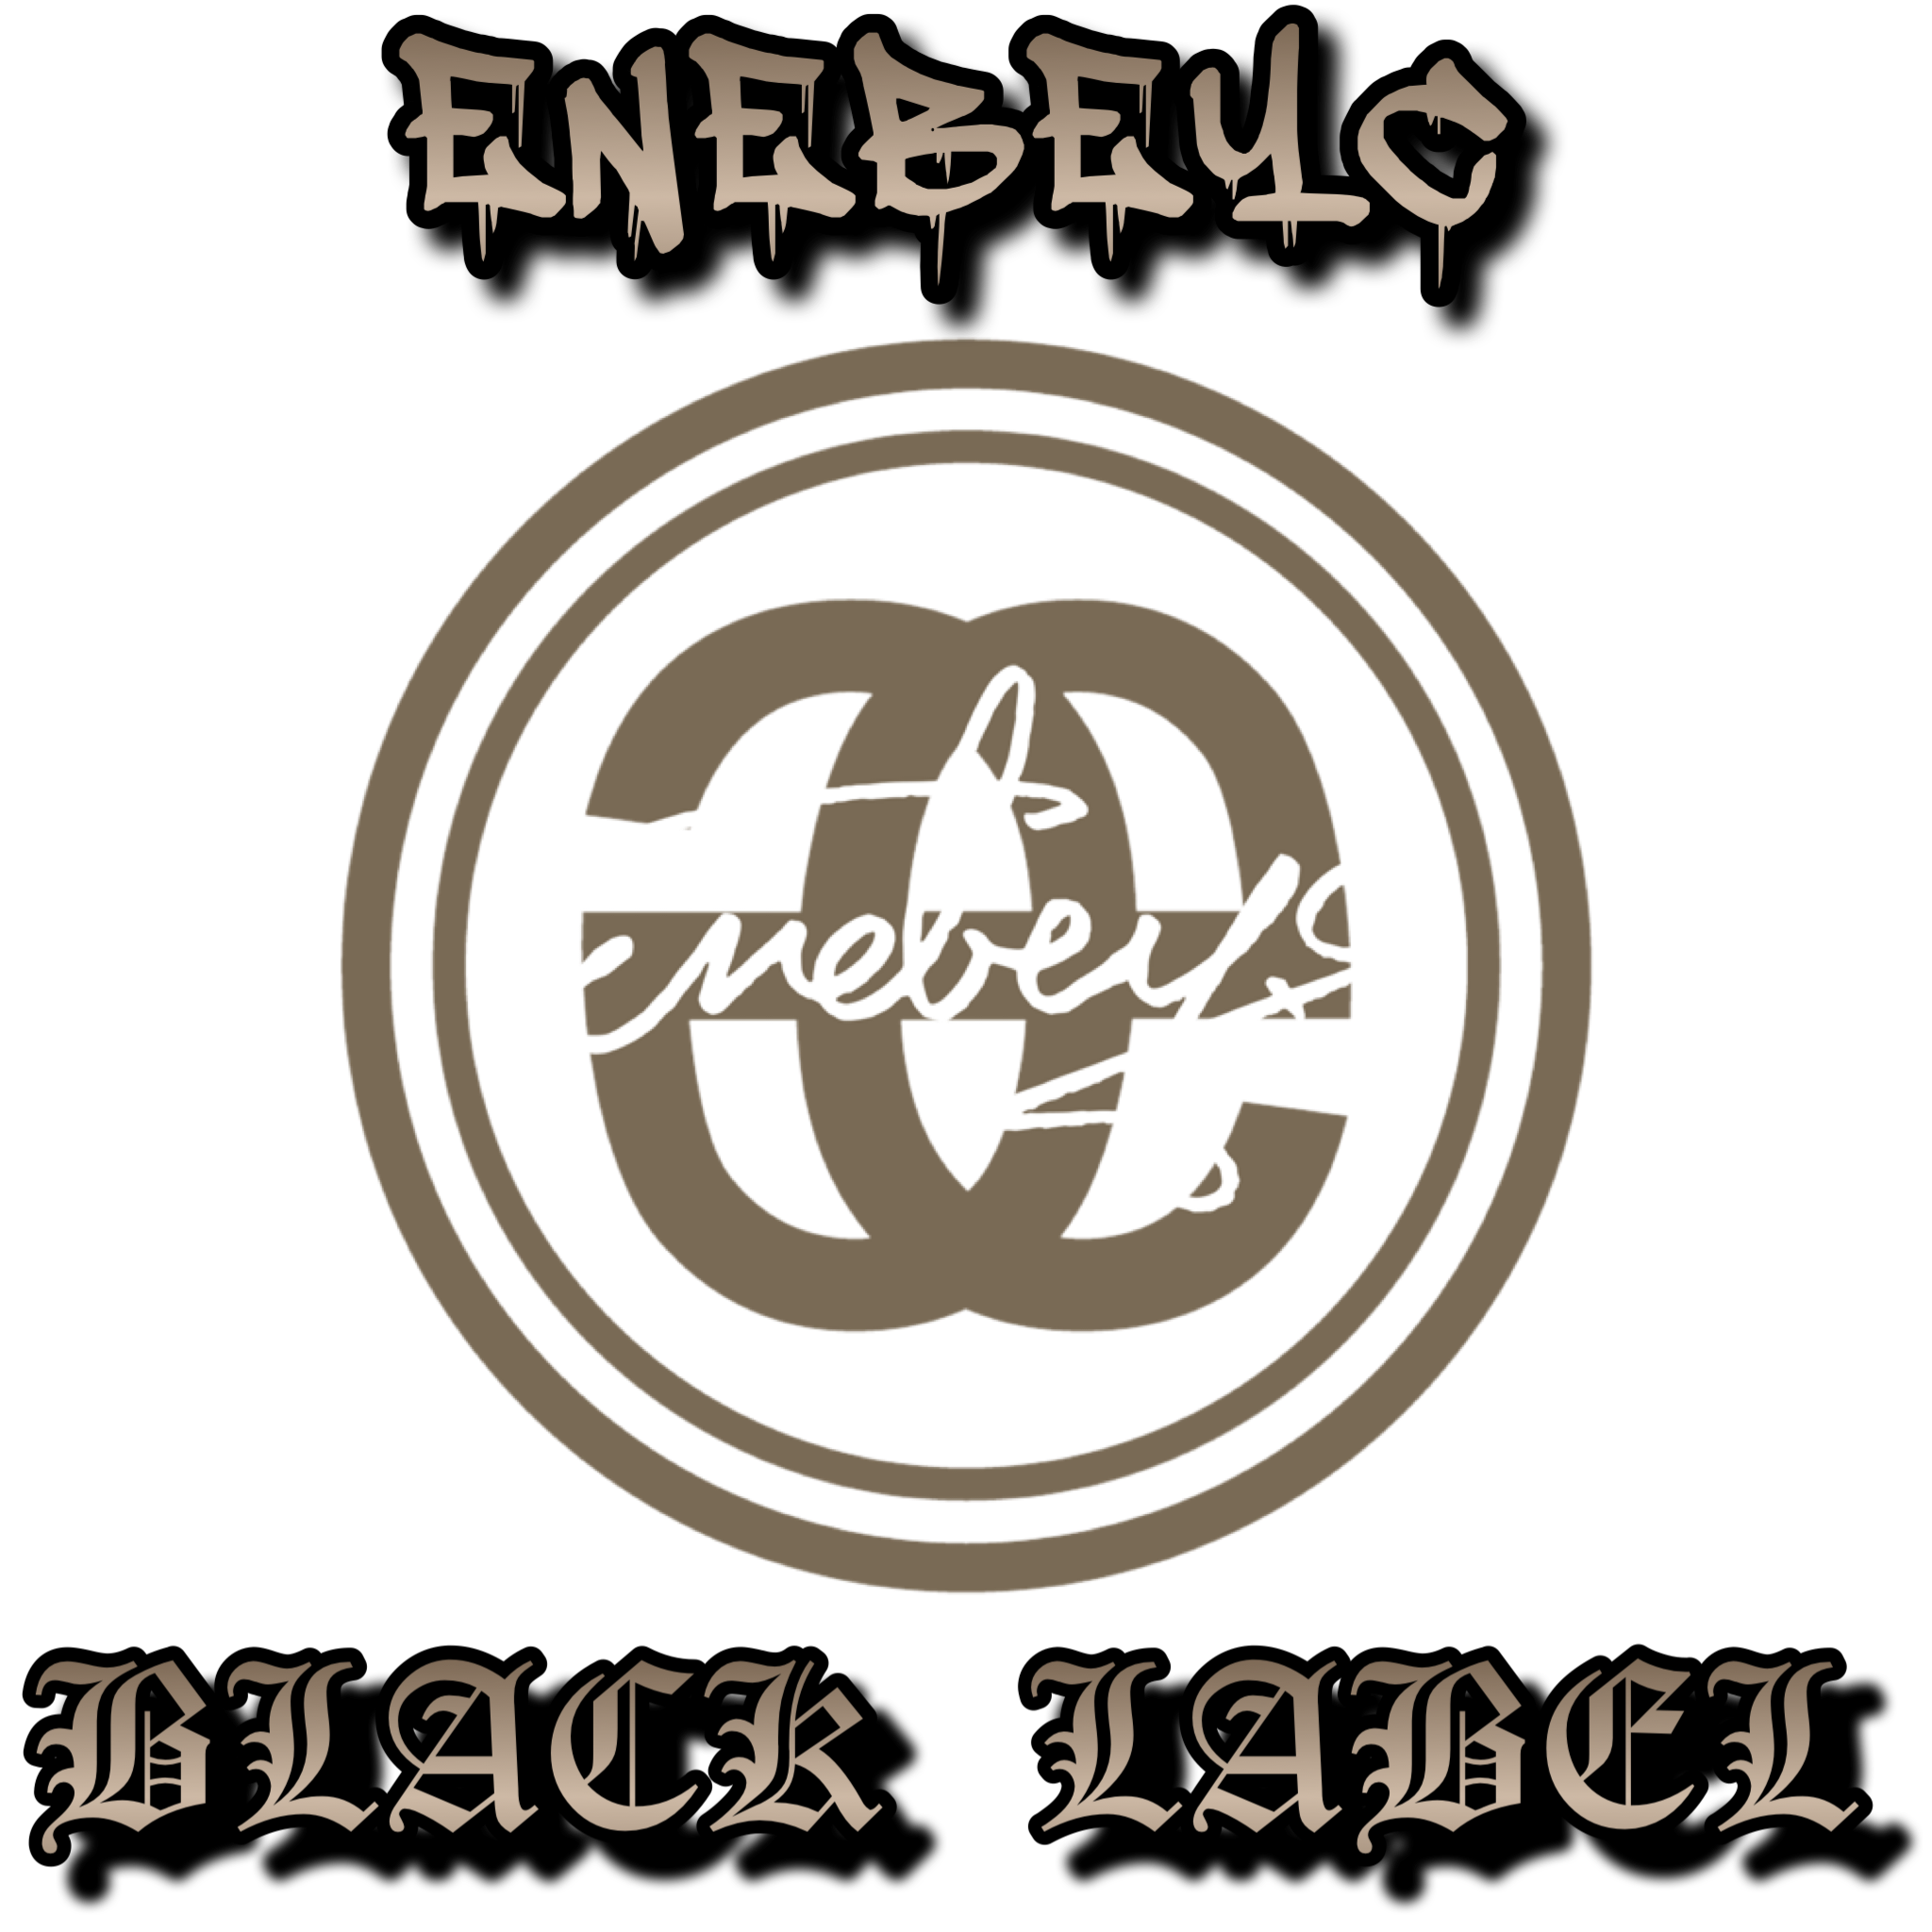 ENEBEYC BLACK LABEL